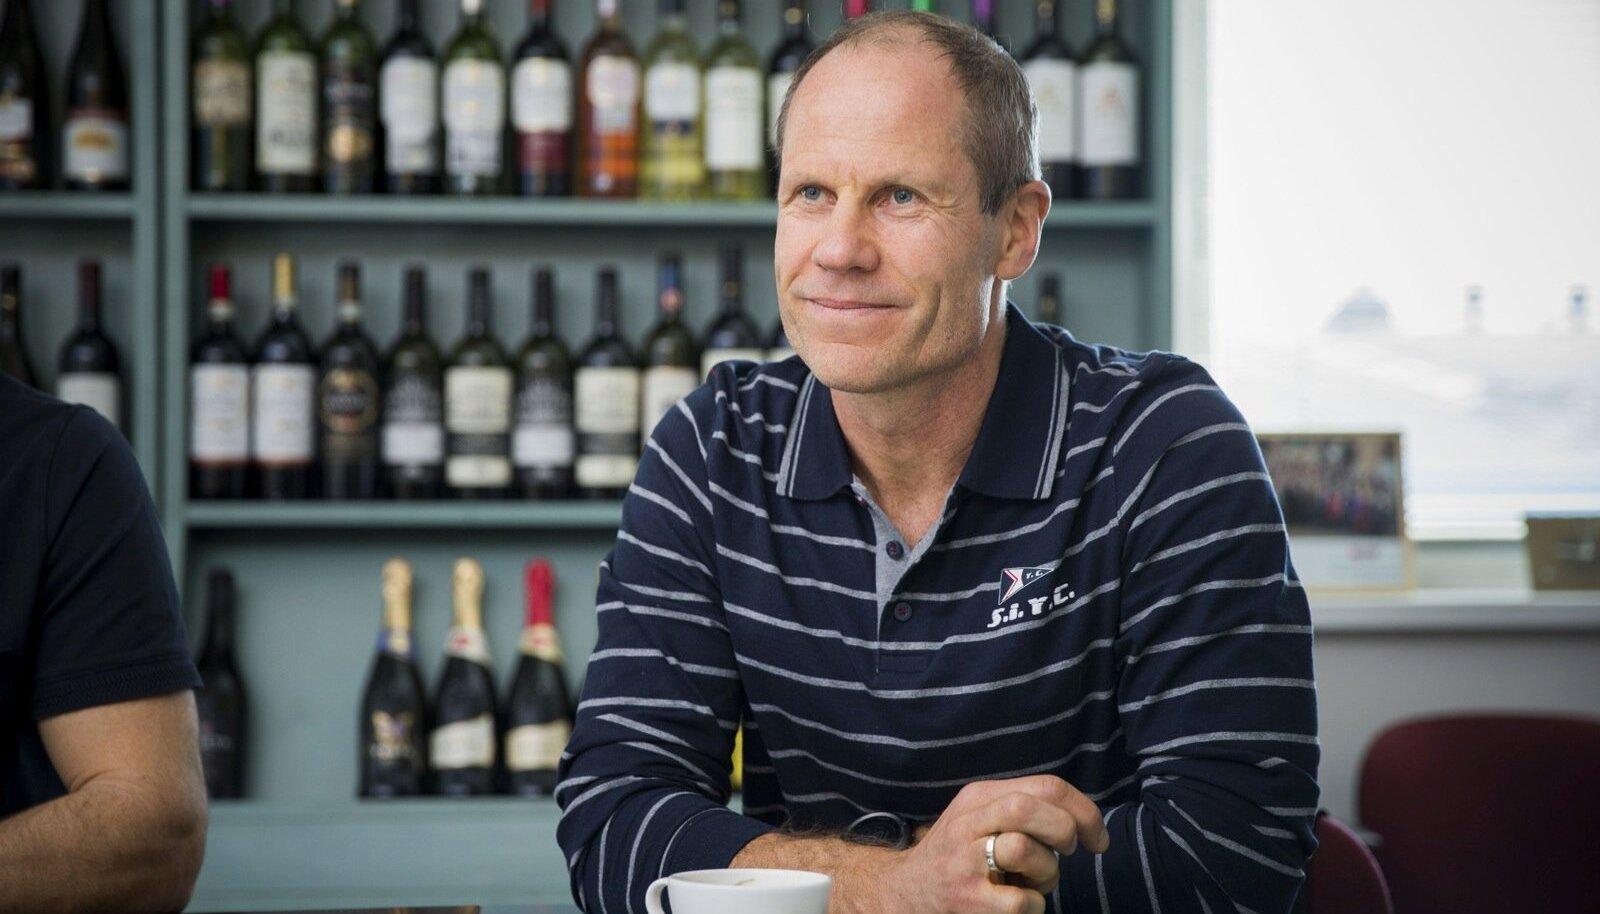 Toomas Tõniste osalusega hulgimüüfirma LTT tegeleb edukalt ka veinide maaletoomisega.